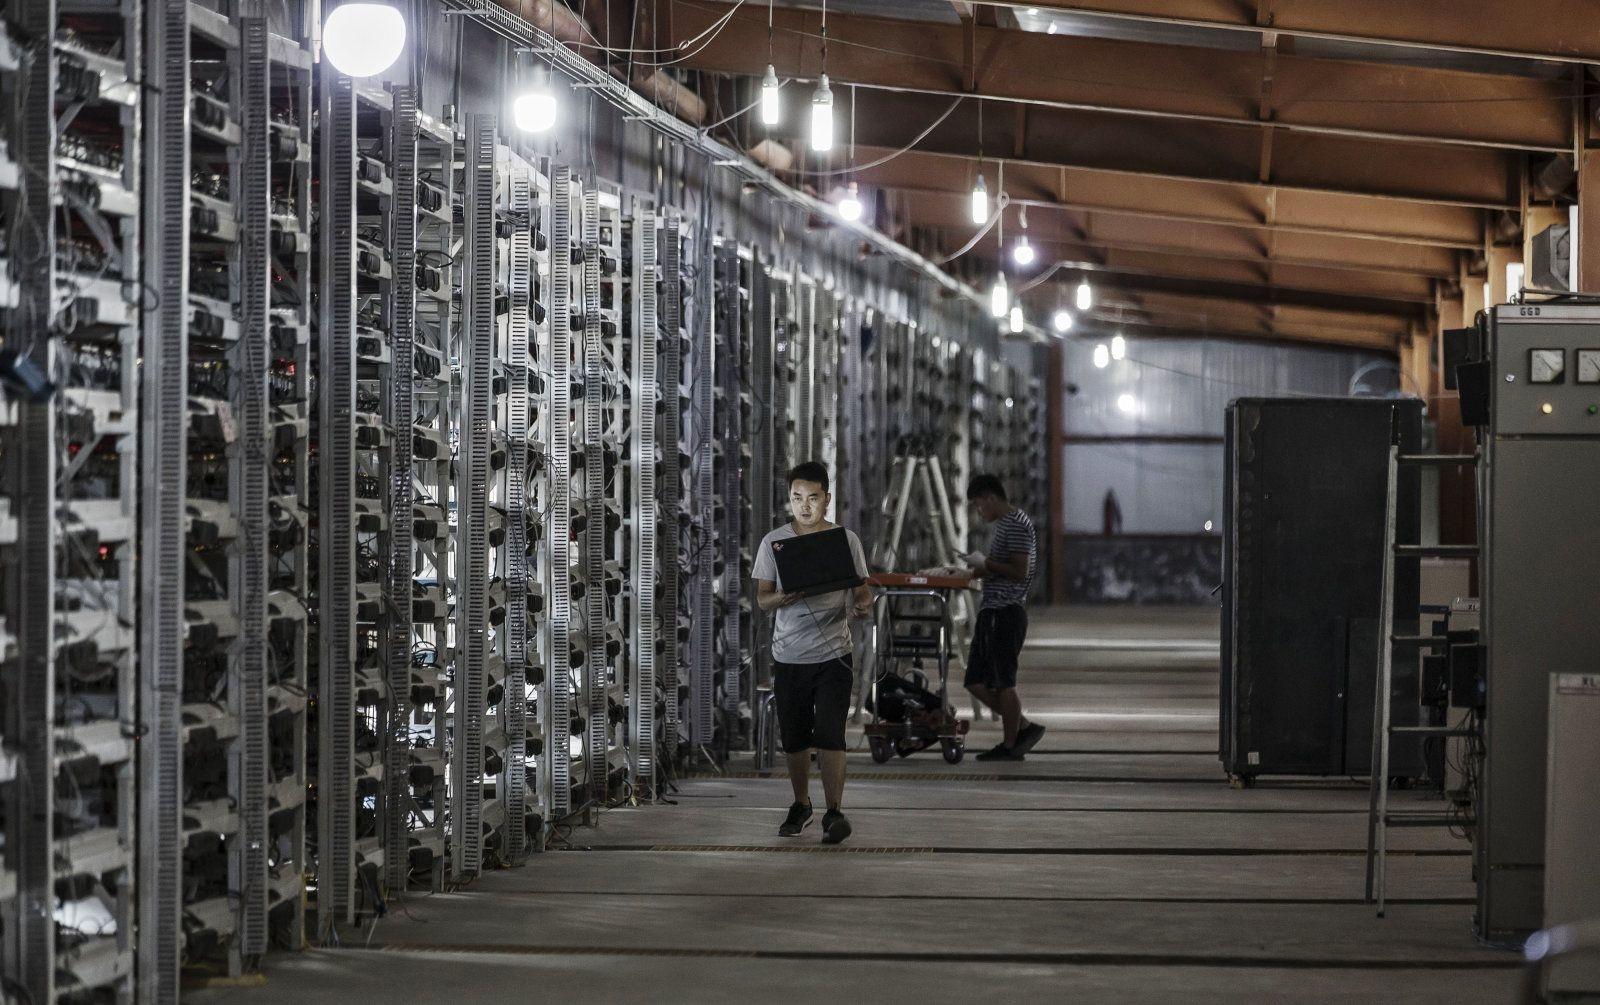 statistika trgovaca kriptovalutama zarađuje li vam rudarstvo bitcoina